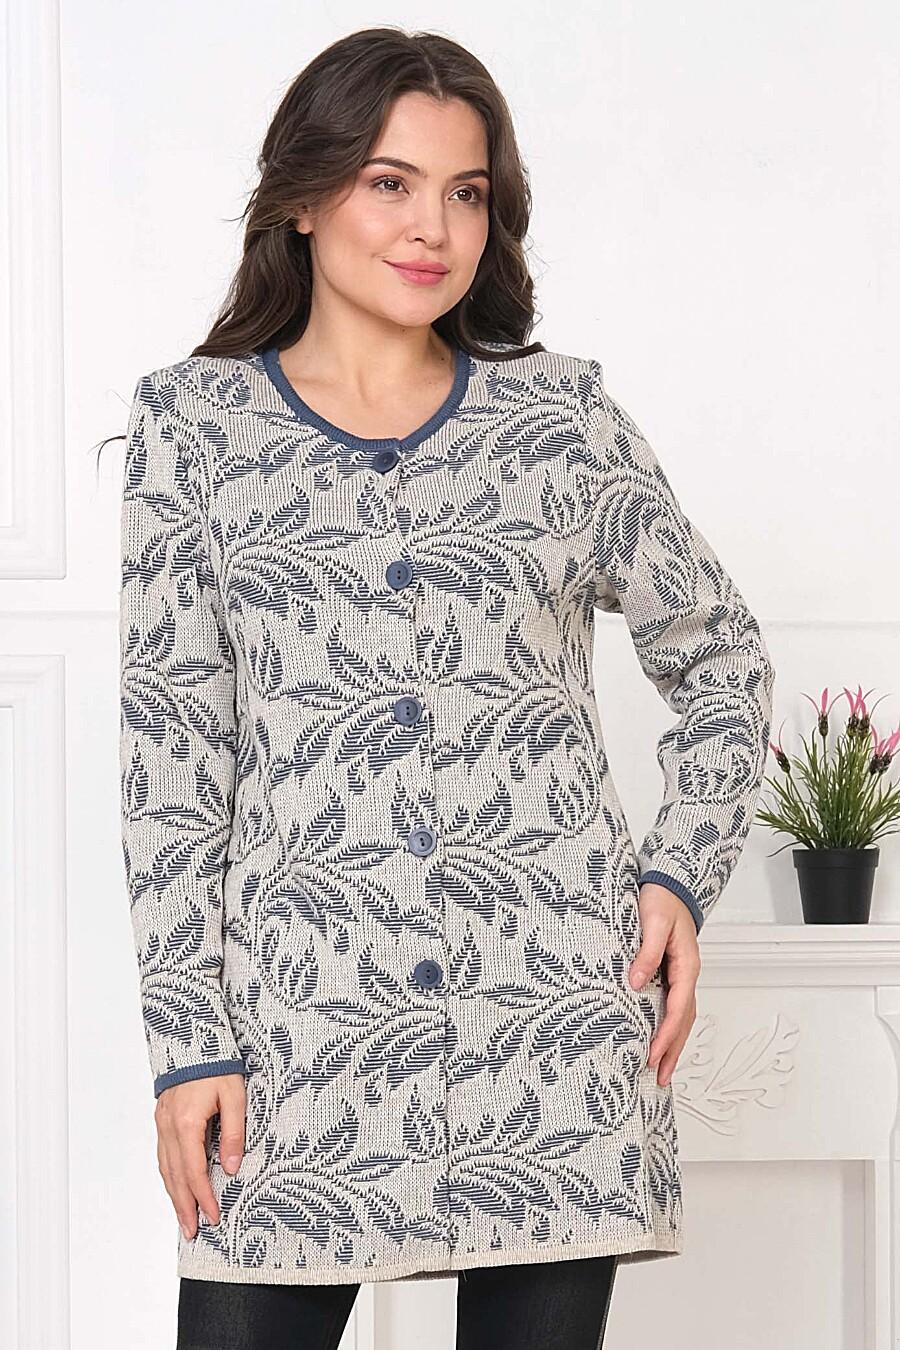 Кардиган для женщин ANKOLI 184405 купить оптом от производителя. Совместная покупка женской одежды в OptMoyo